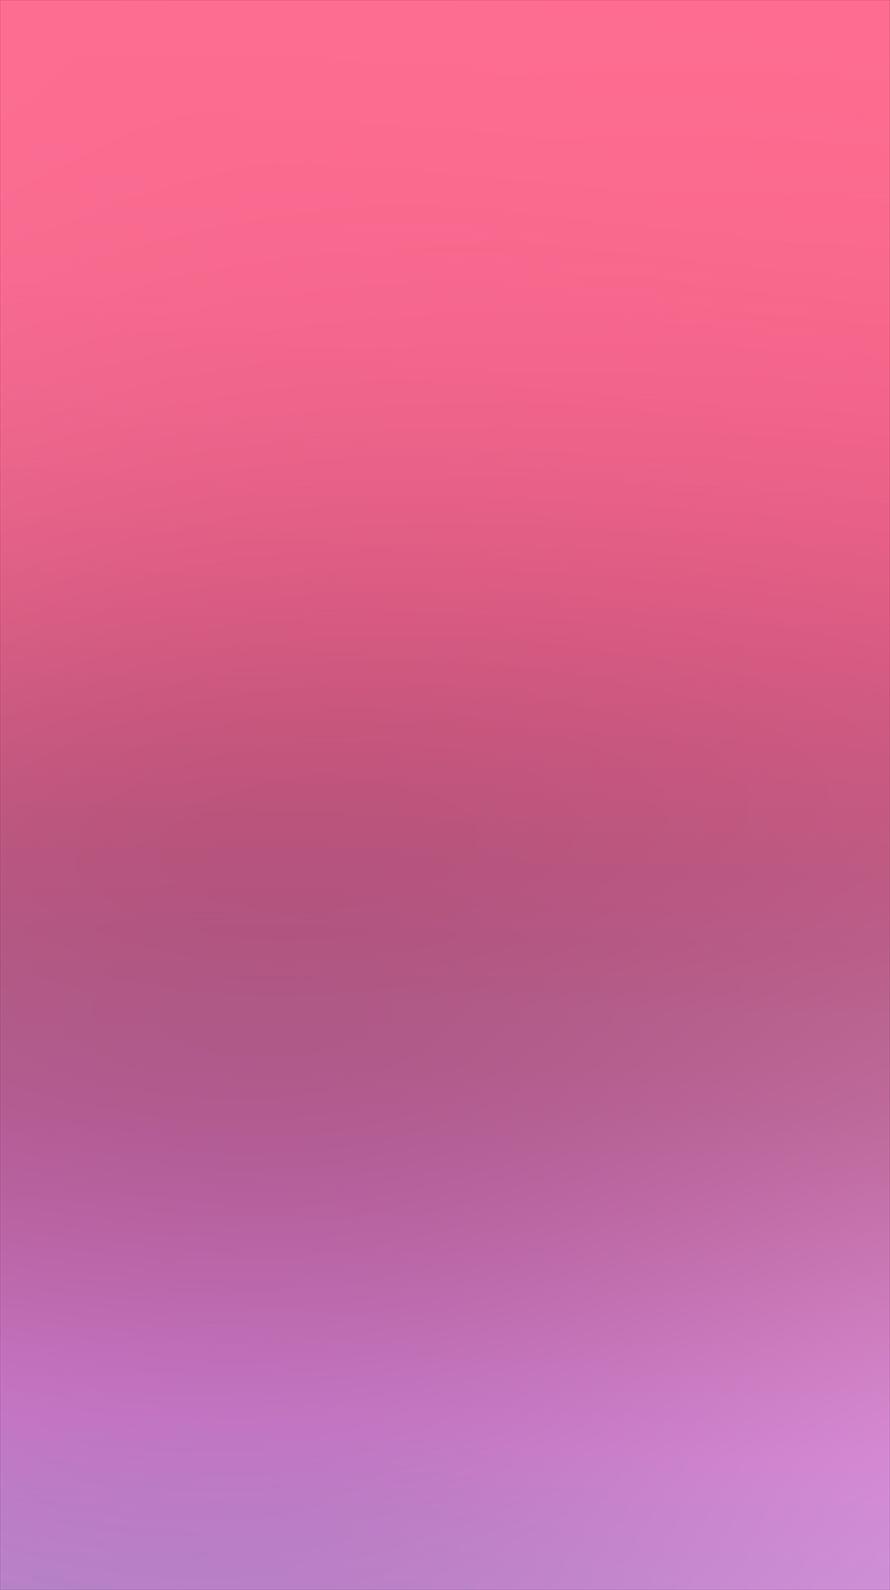 ピンクと紫のグラデーション Iphone6壁紙 Wallpaperbox